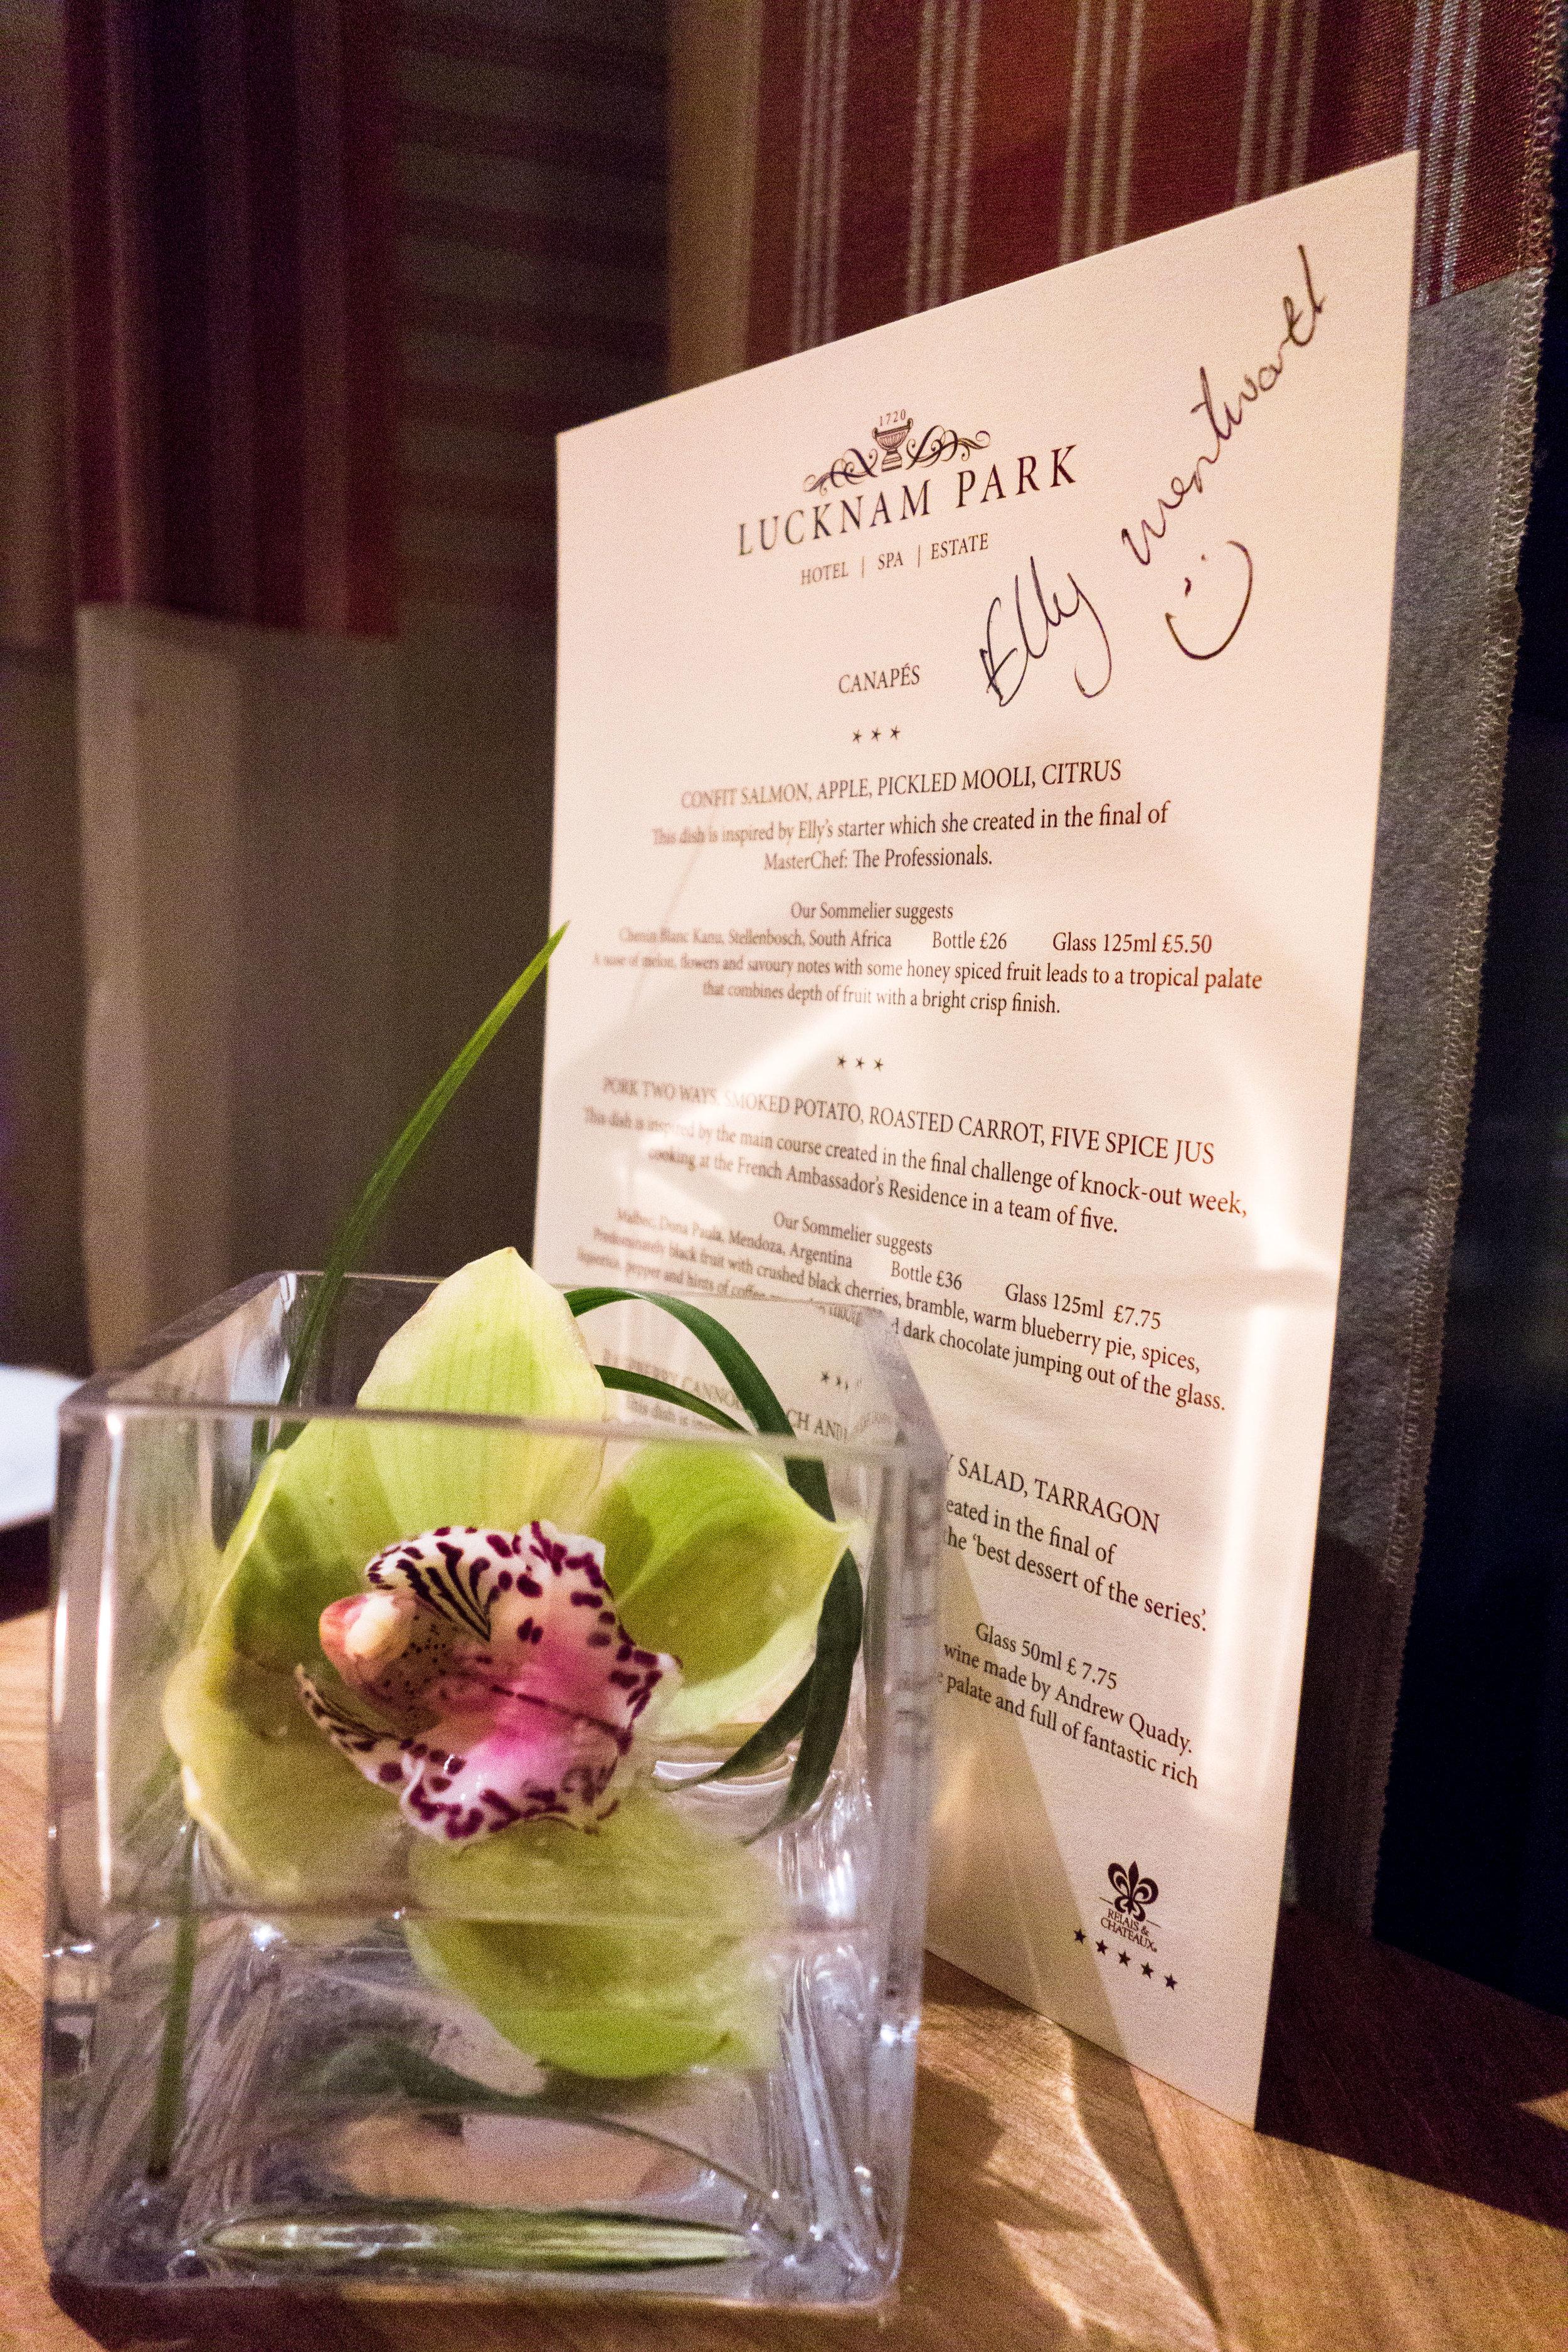 Lucknam Park The Brasserie Restaurant Review